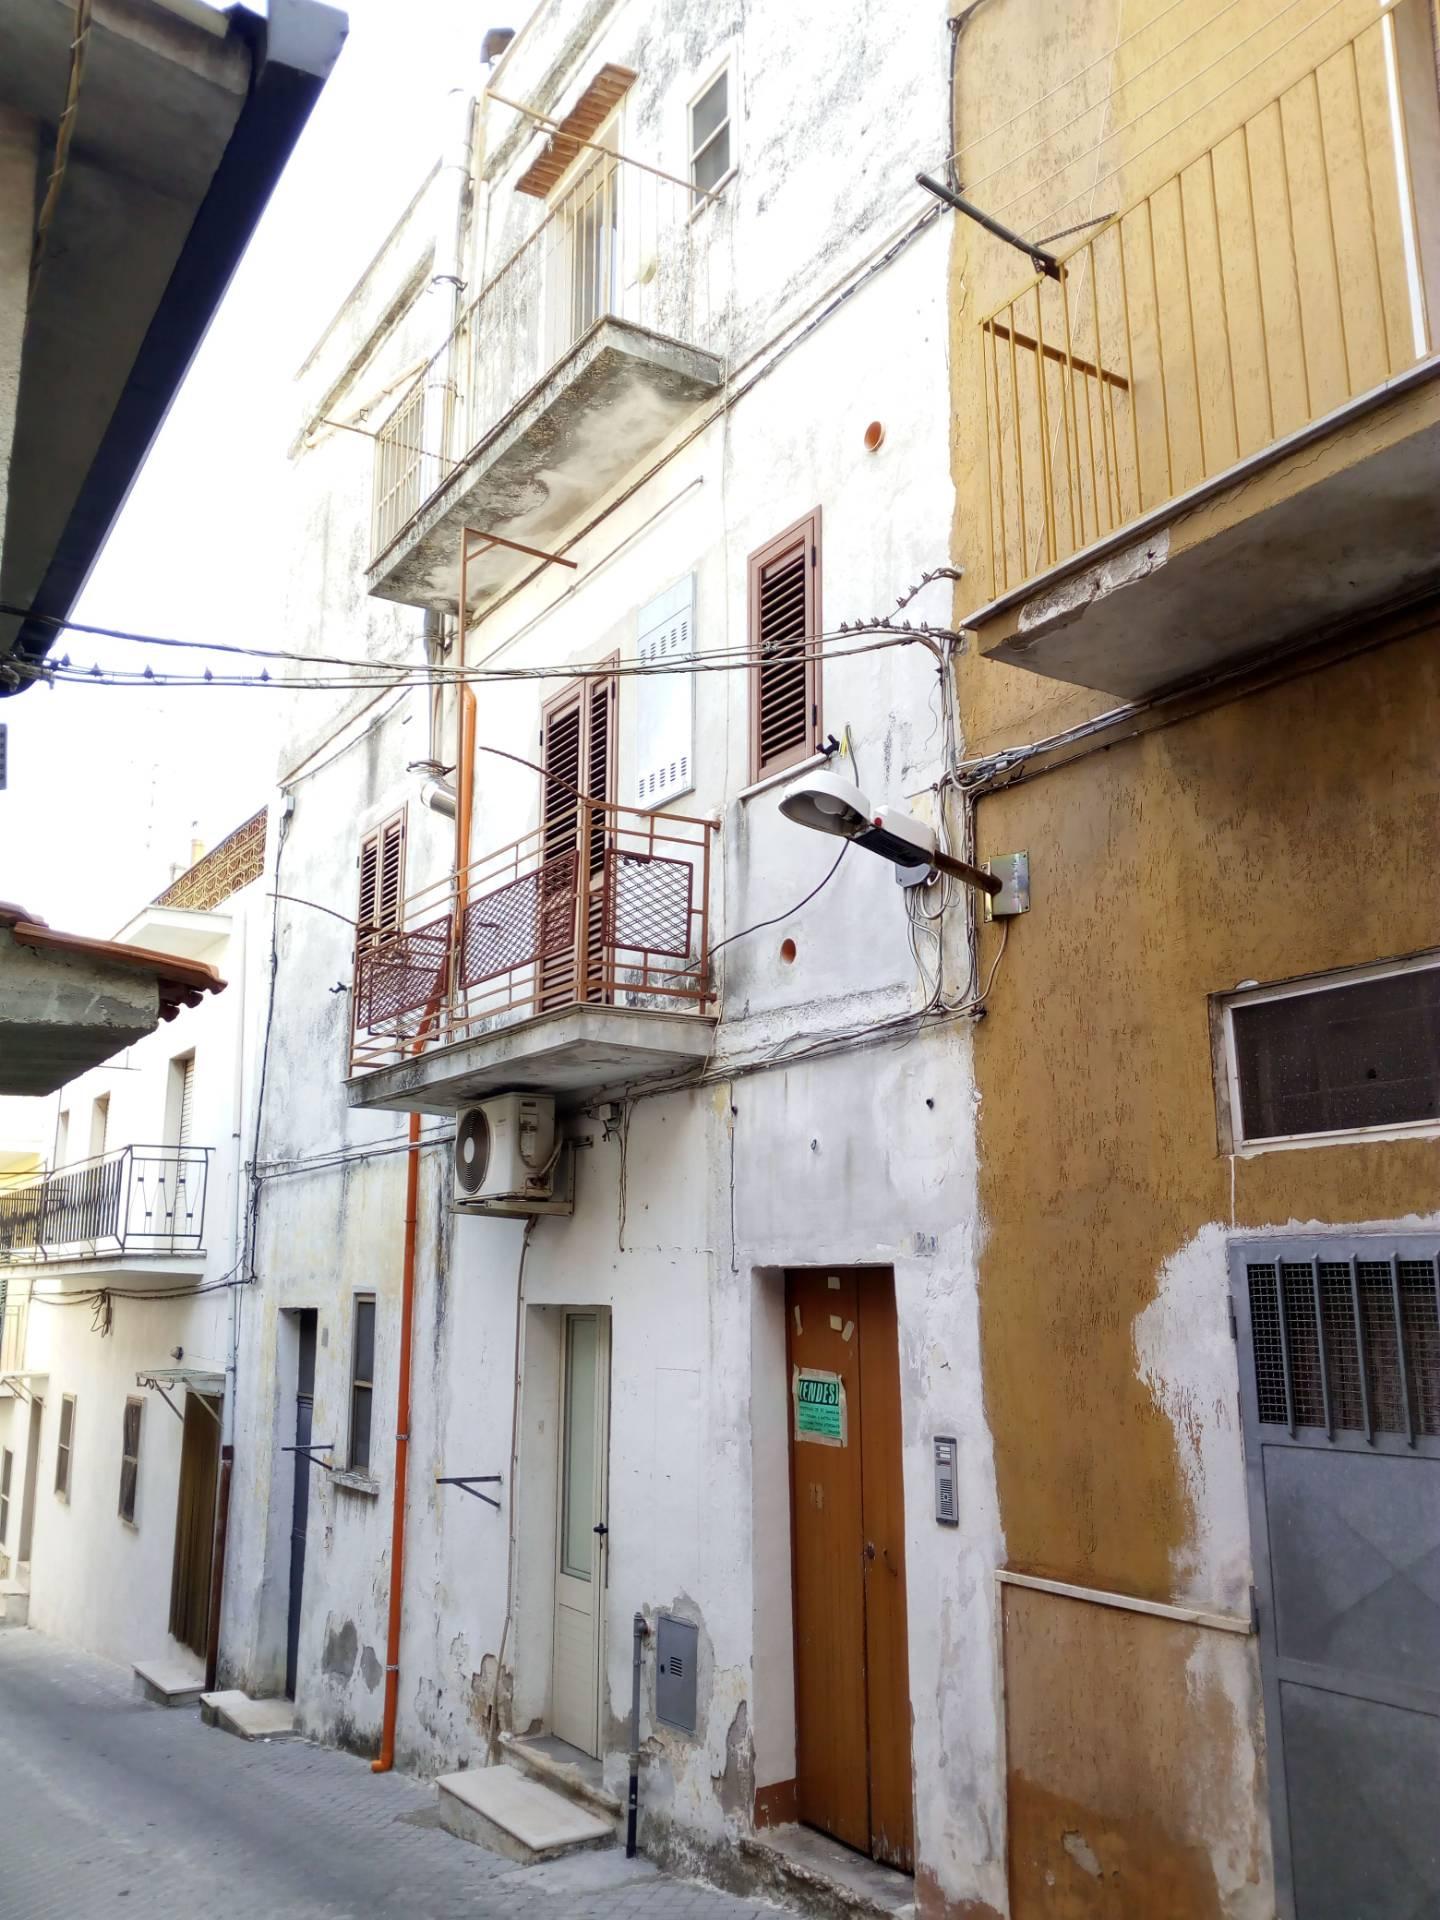 Appartamento in vendita a Ischitella, 4 locali, zona Località: TraverseC.Battisti/UmbertoI, prezzo € 33.000 | PortaleAgenzieImmobiliari.it